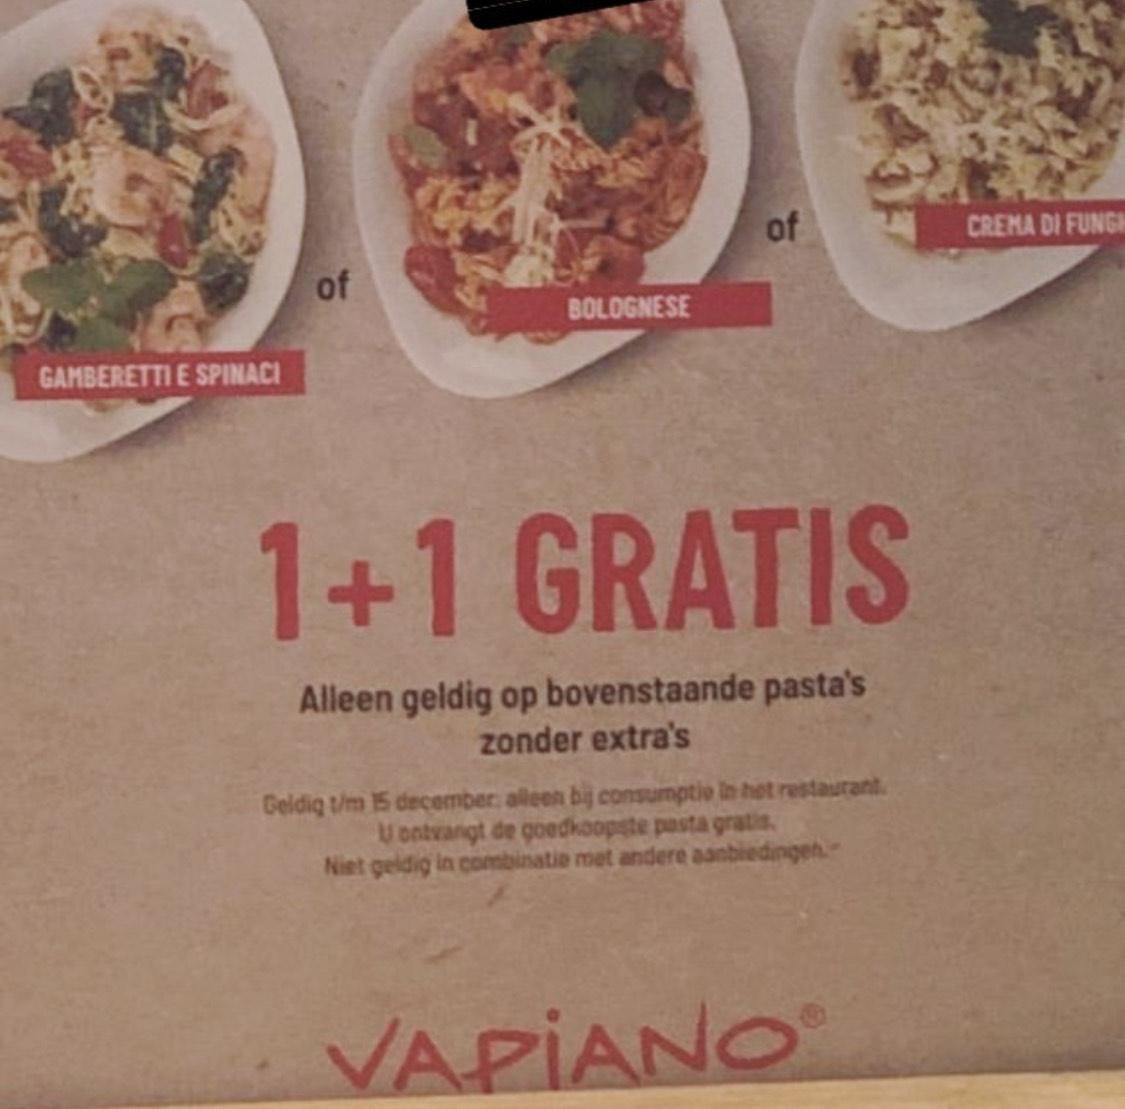 [Groningen] 1+1 gratis op 3 soorten pasta @ Vapiano